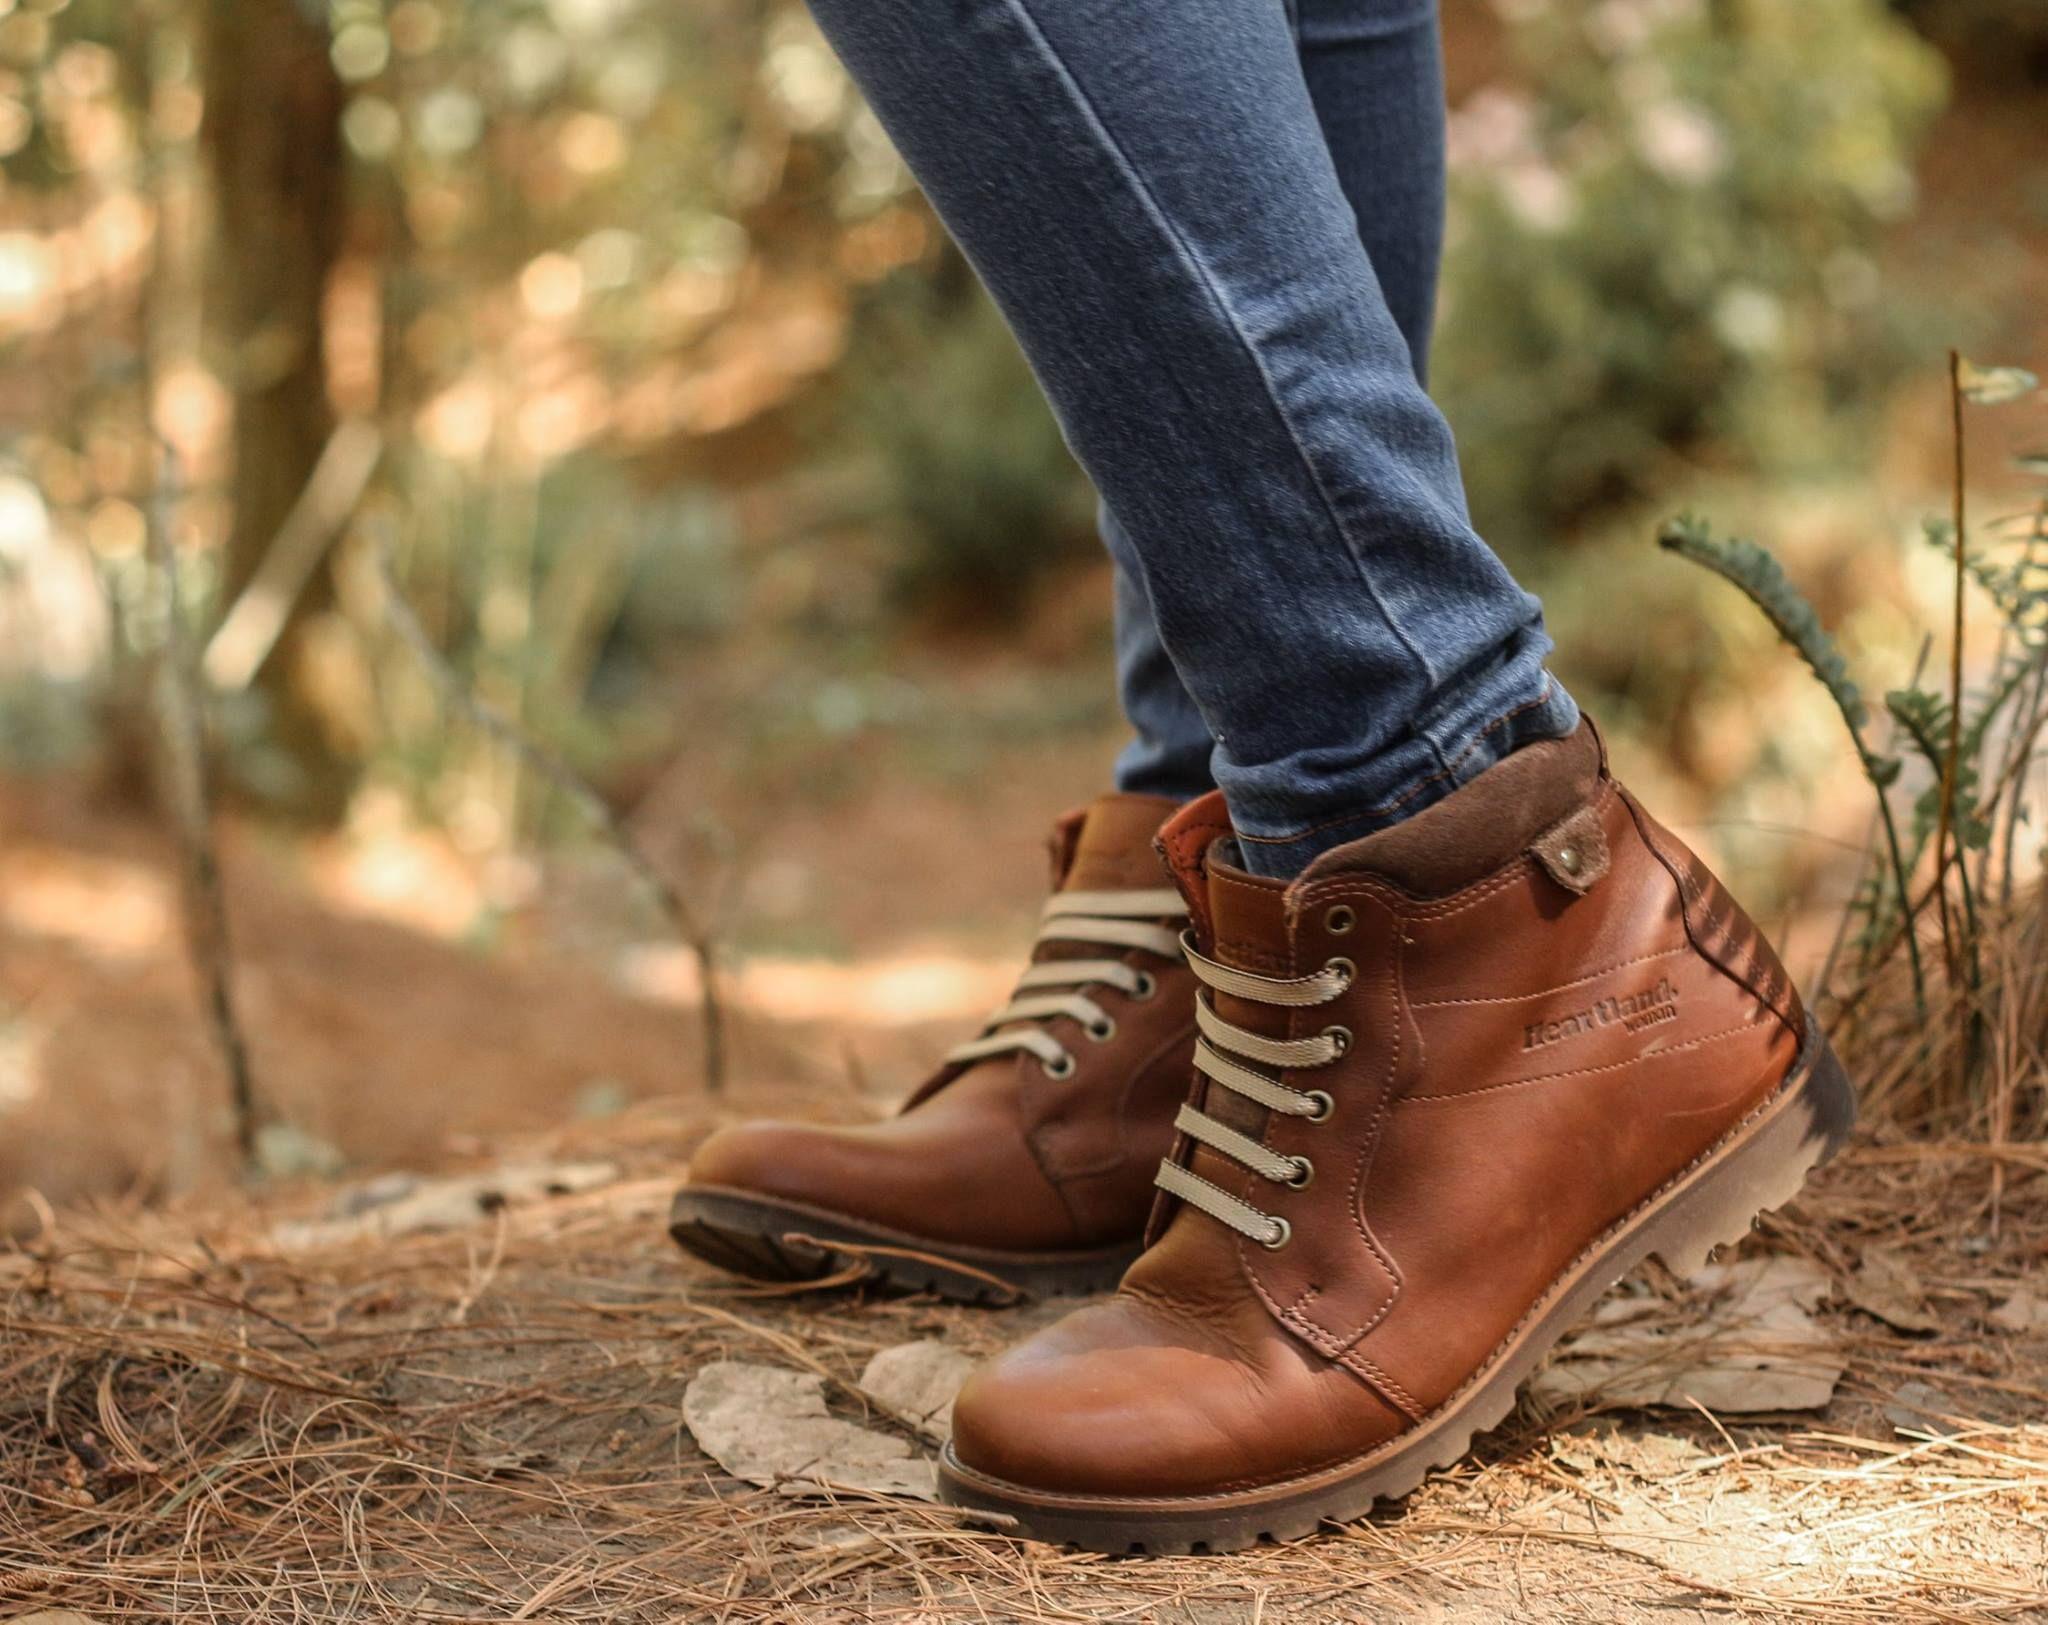 buena calidad reloj más fotos Heartland #Boots #Women #ElSalvador #Guatemala #Honduras ...